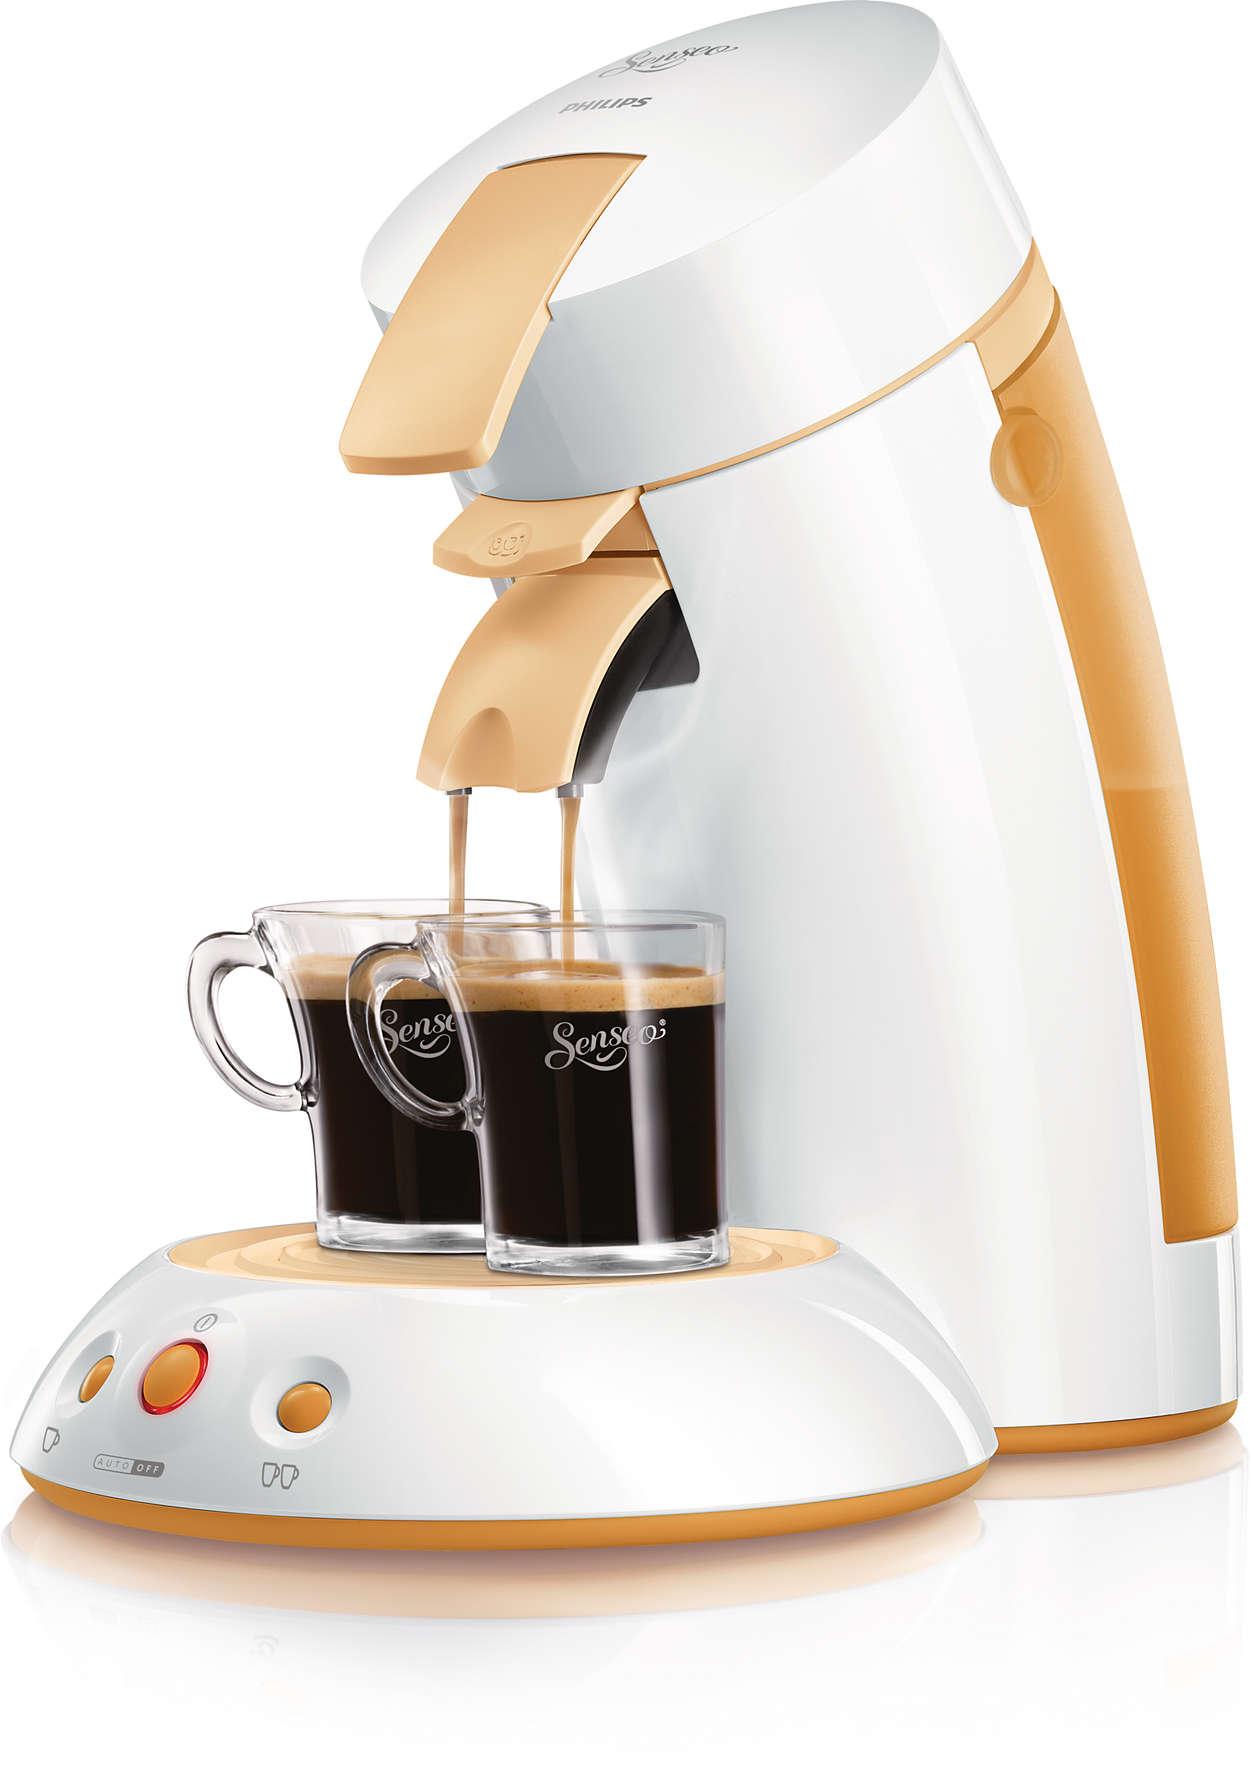 Nyd din kaffe, helt enkelt